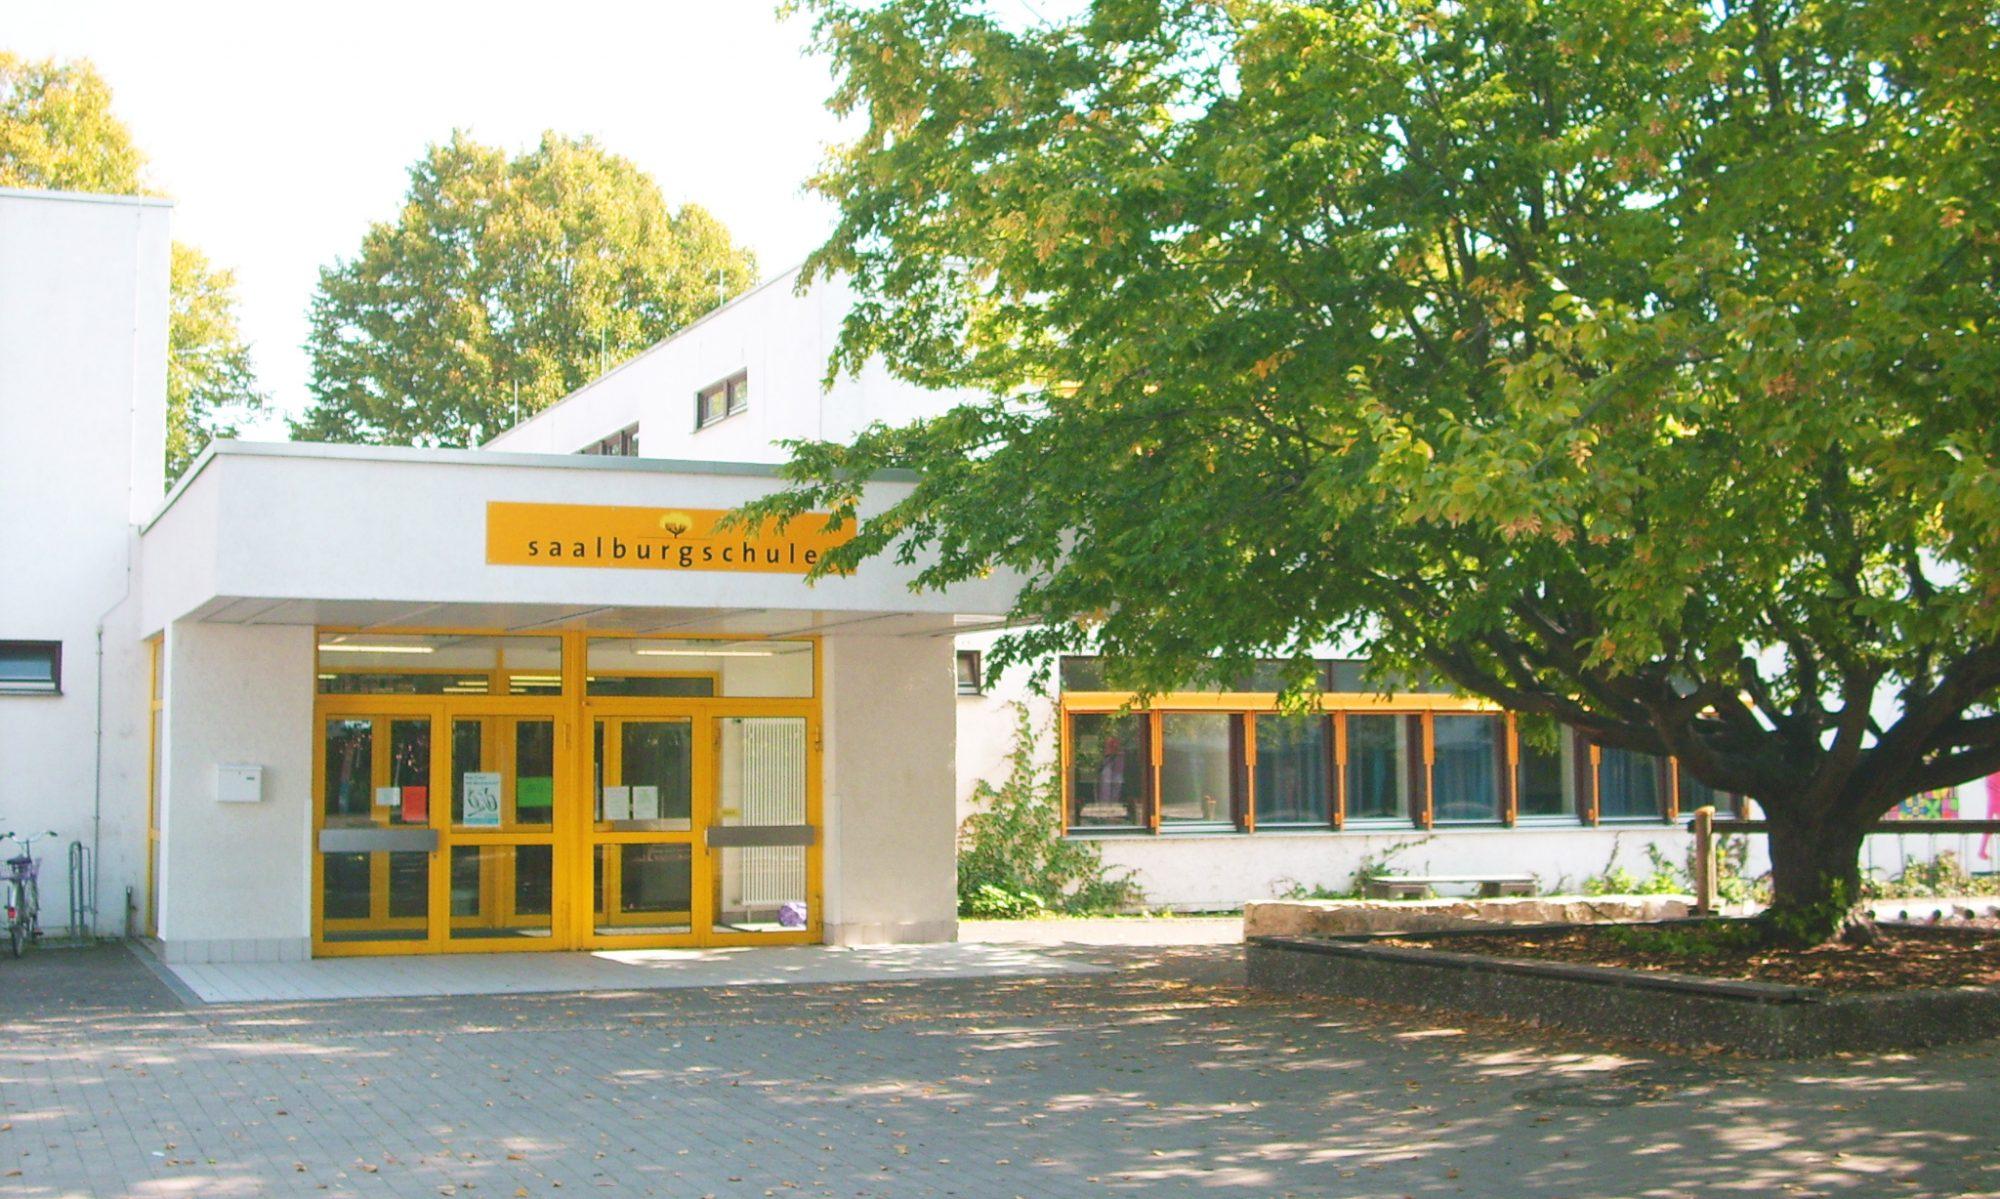 Saalbugschule Bad Vilbel